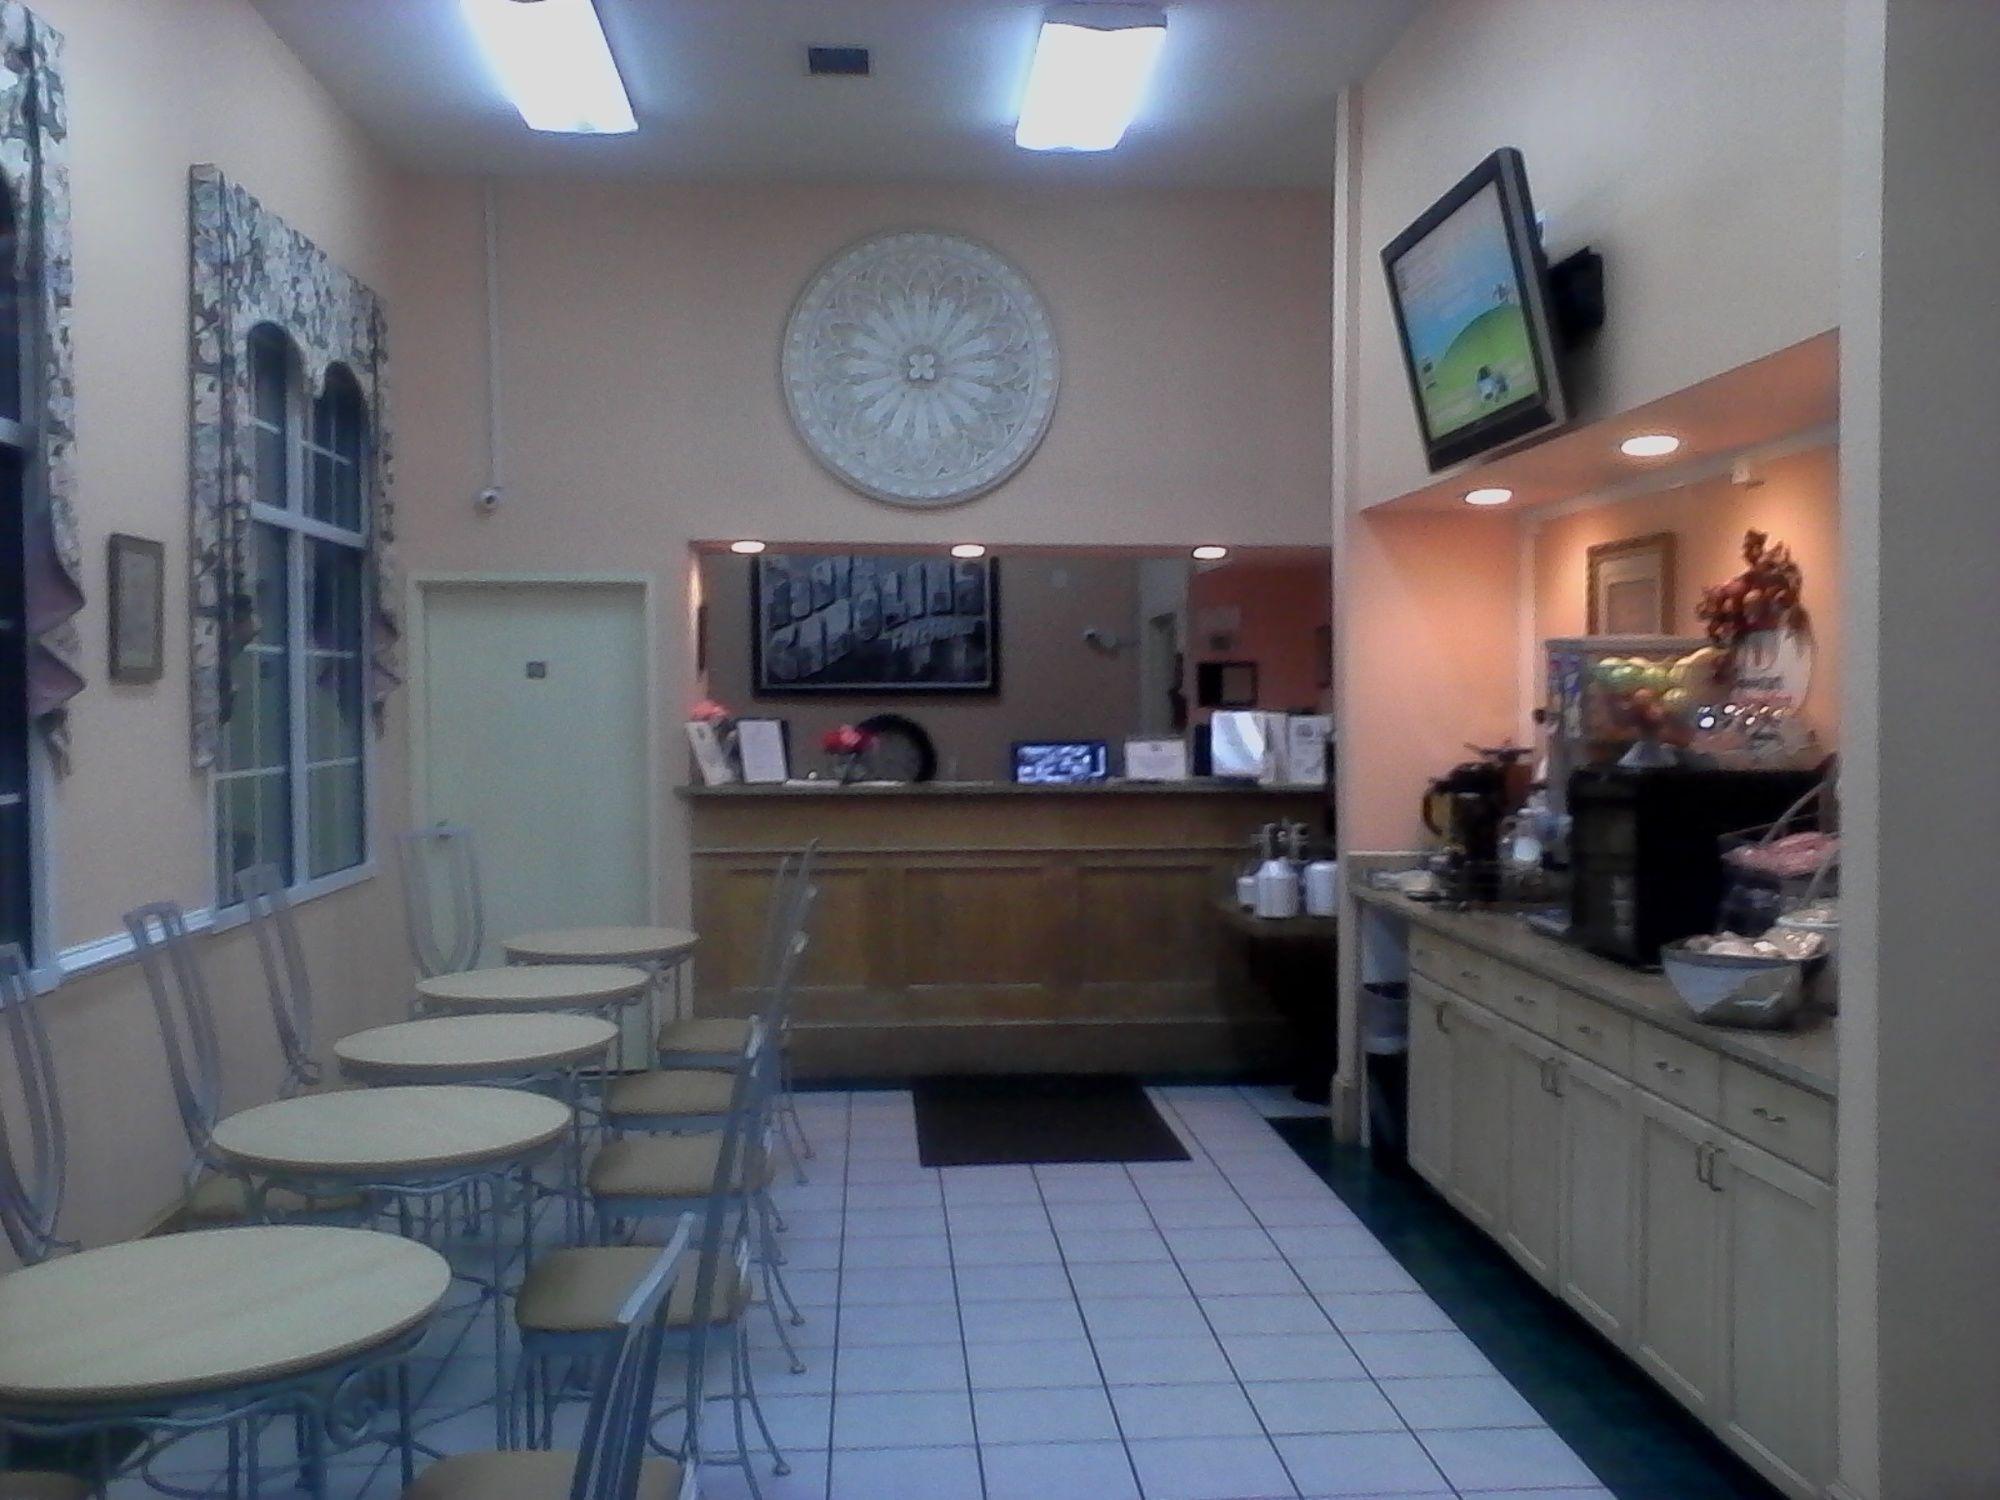 Super 8 Motel - Fayetteville in Fayetteville, NC